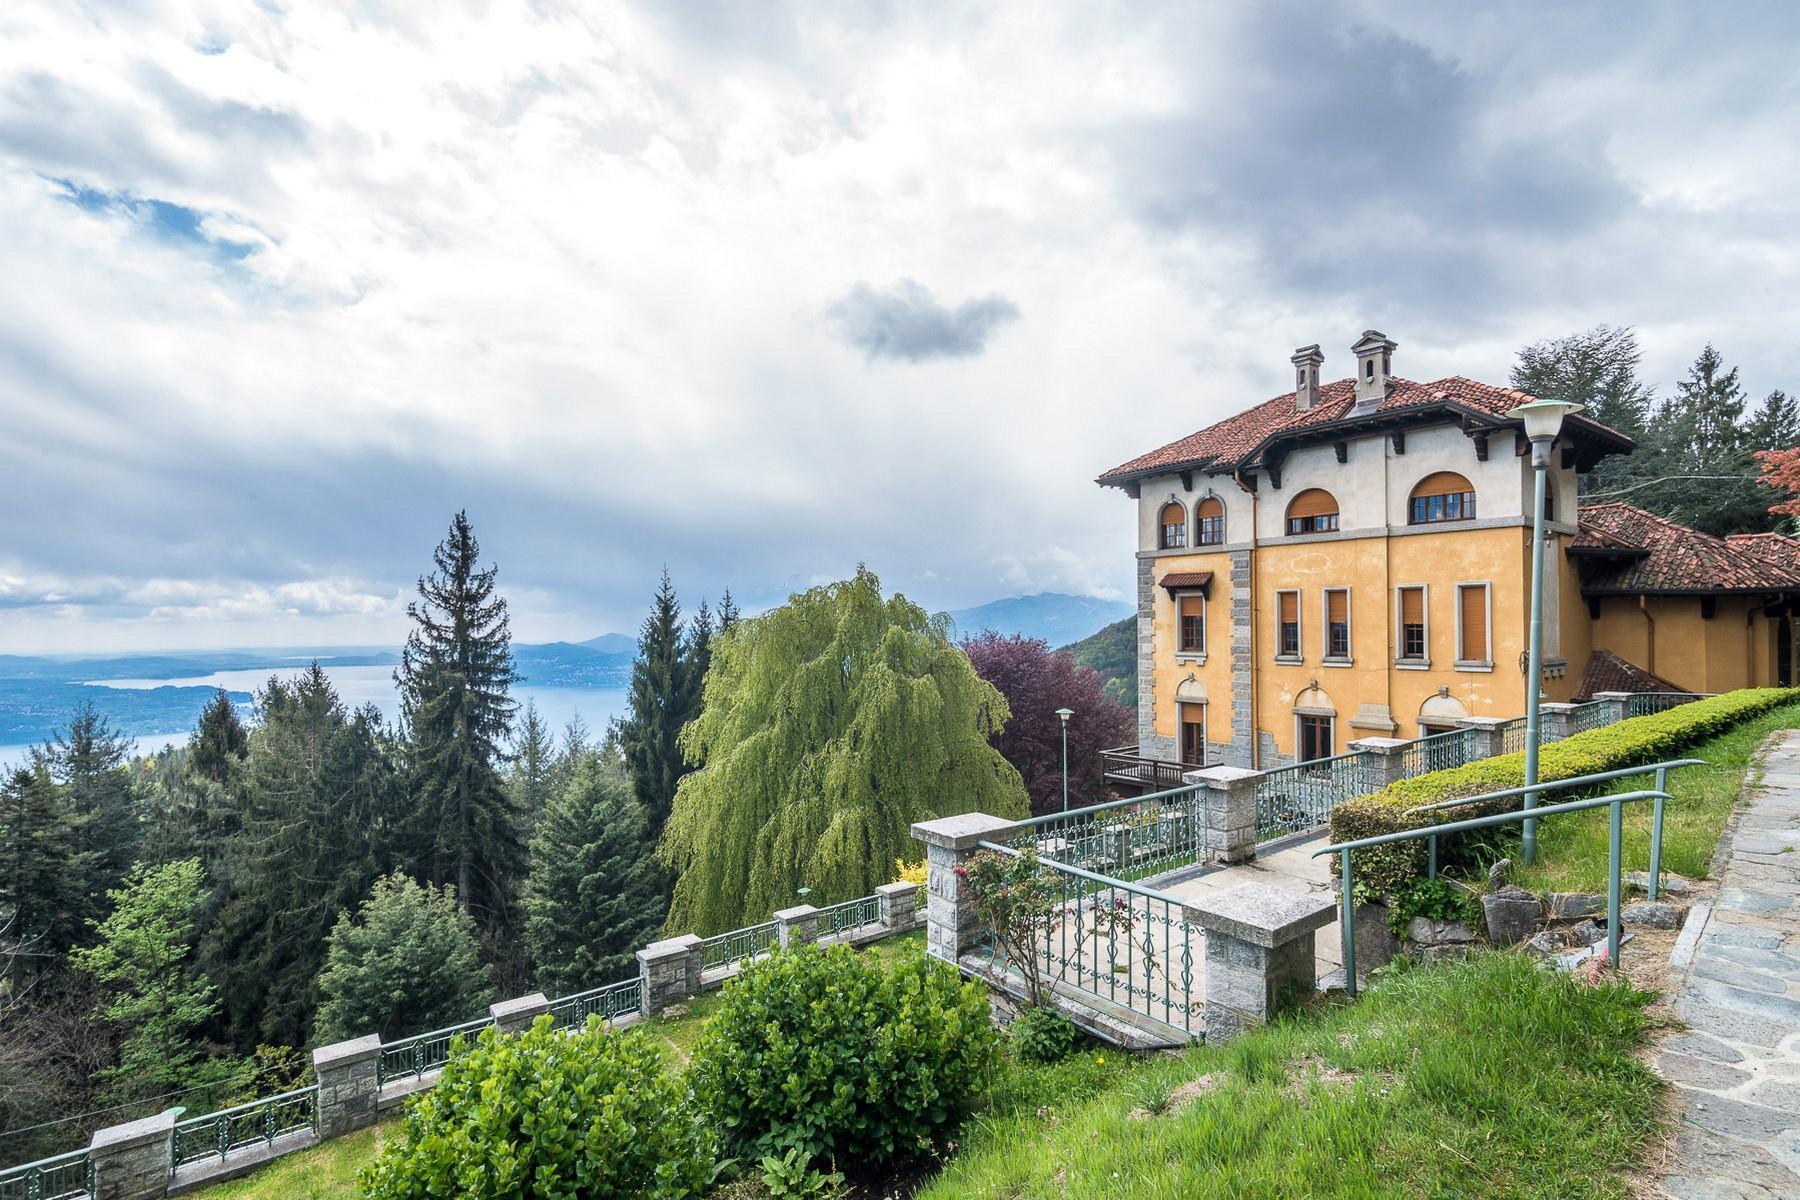 Villa storica in parco centenario sul lago Maggiore - 2